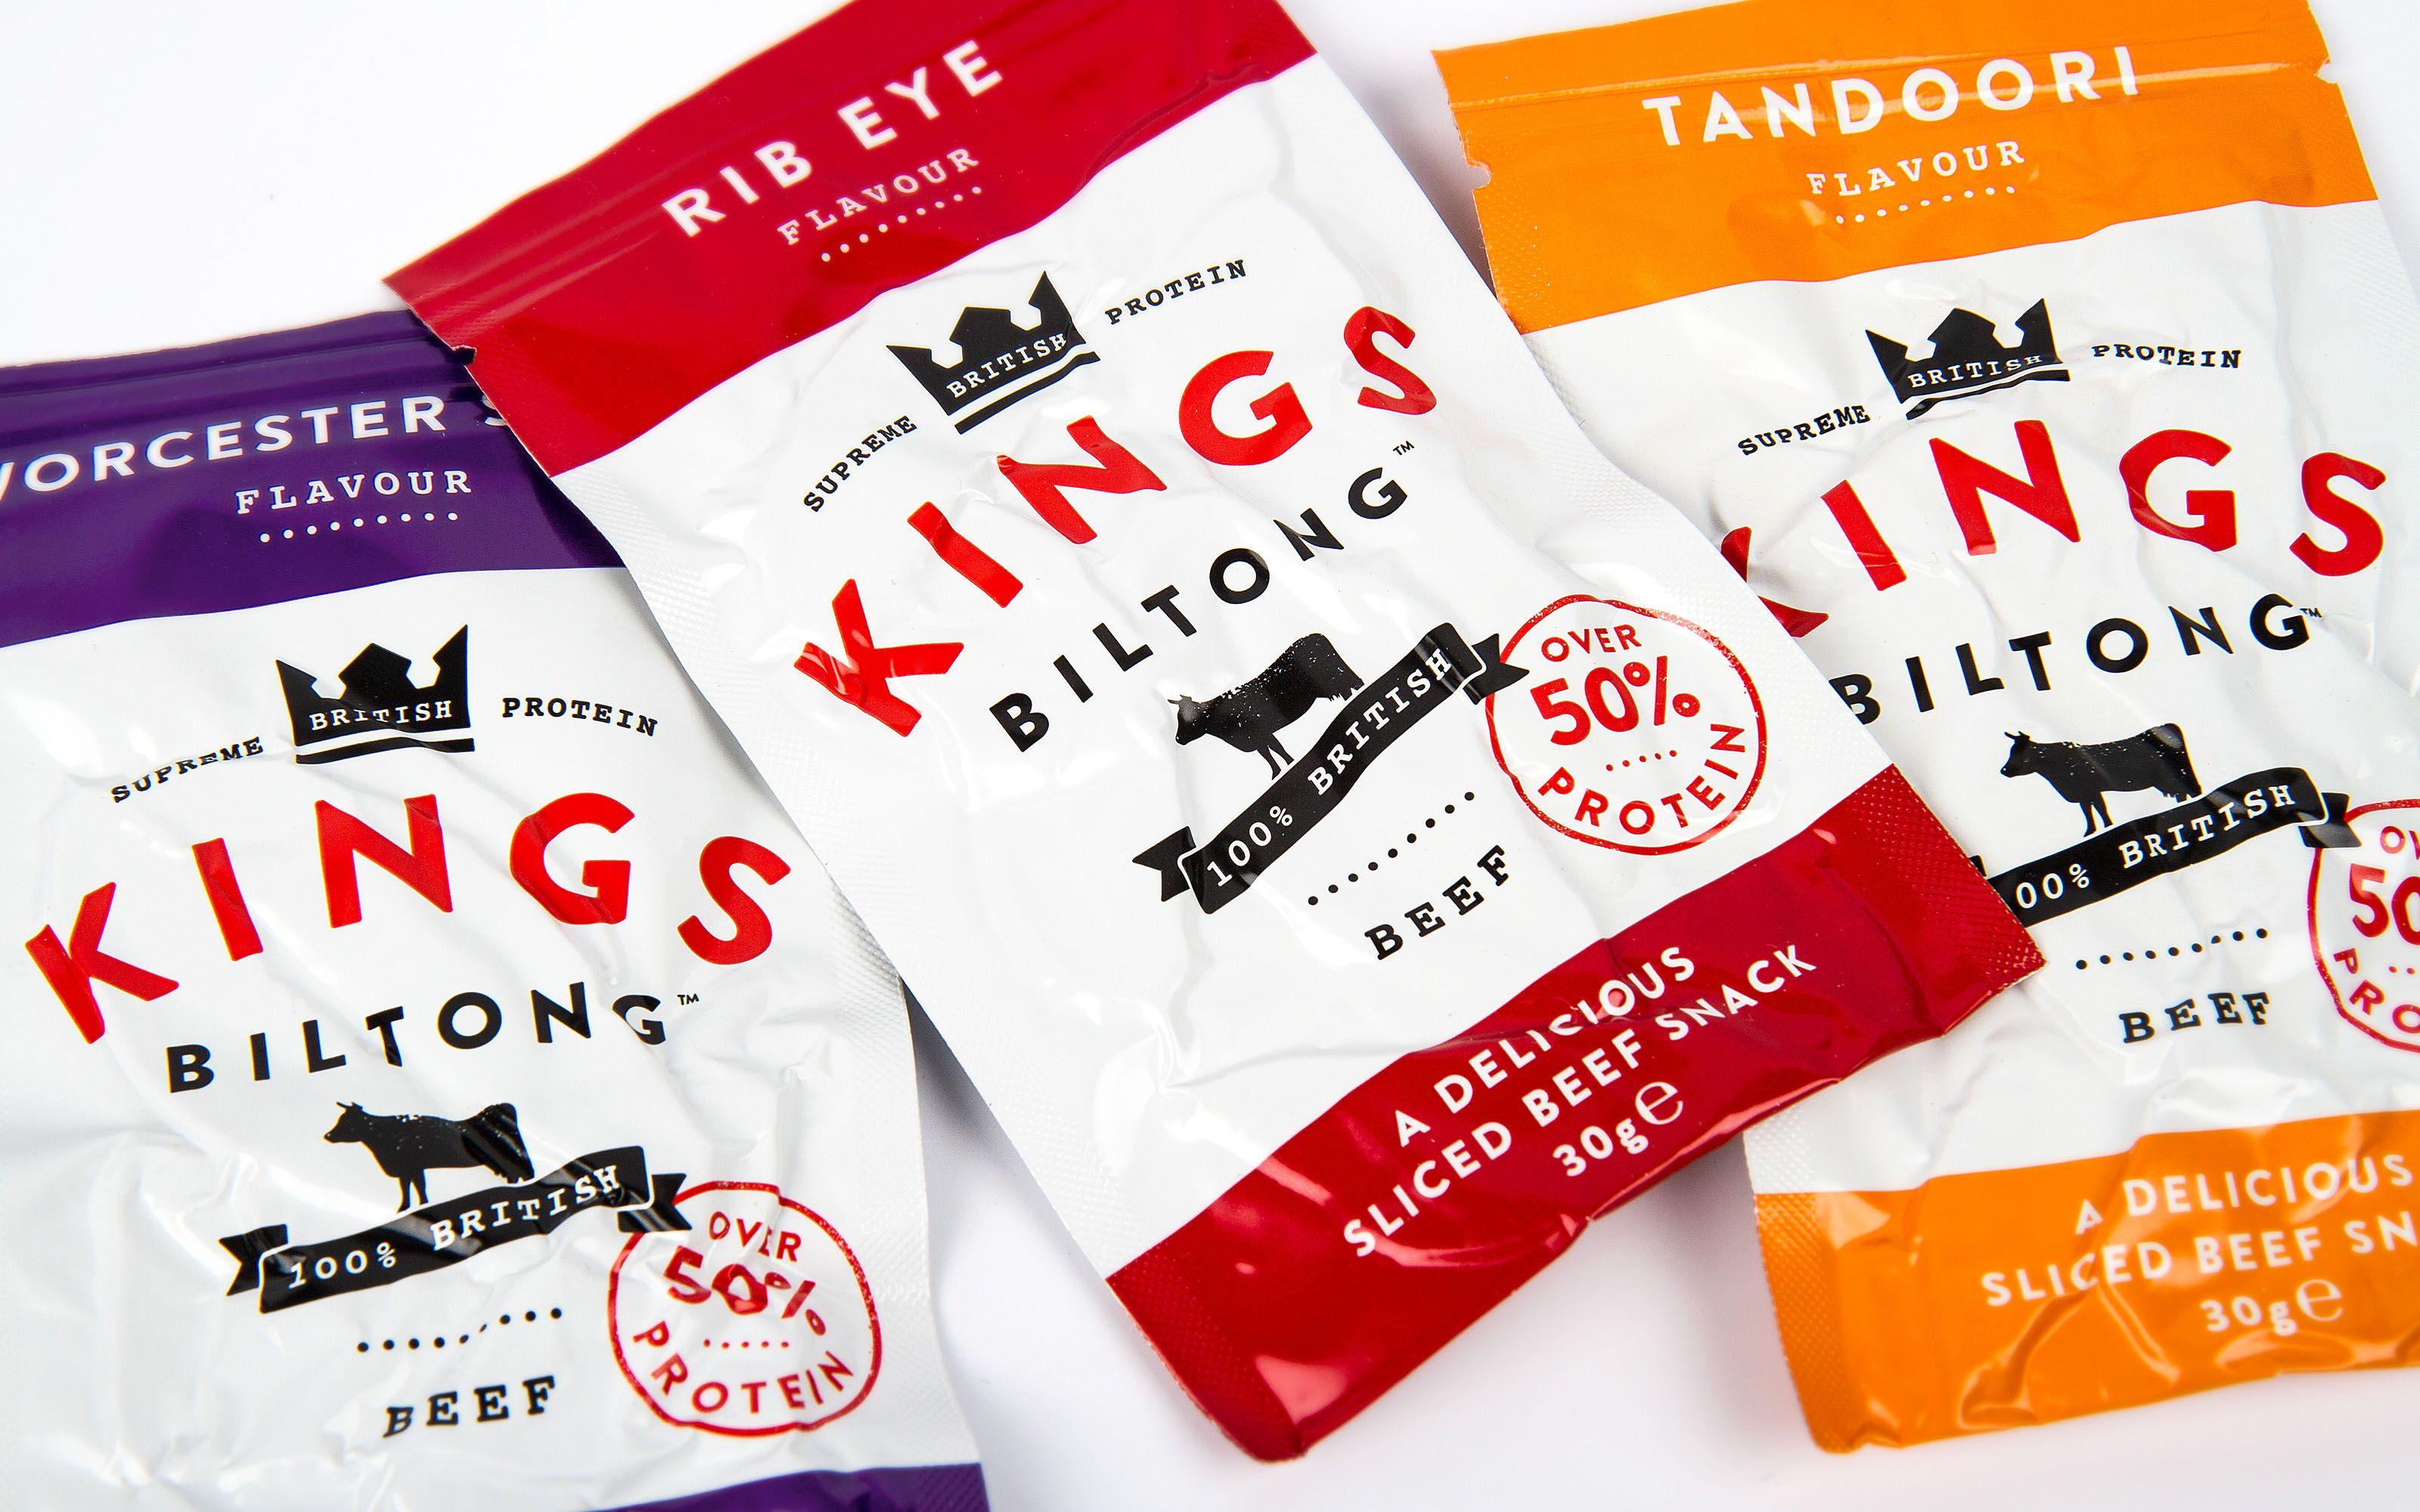 Kings Biltong Branding \u0026 Packaging Design | PCKG / LBL | Pinterest ...